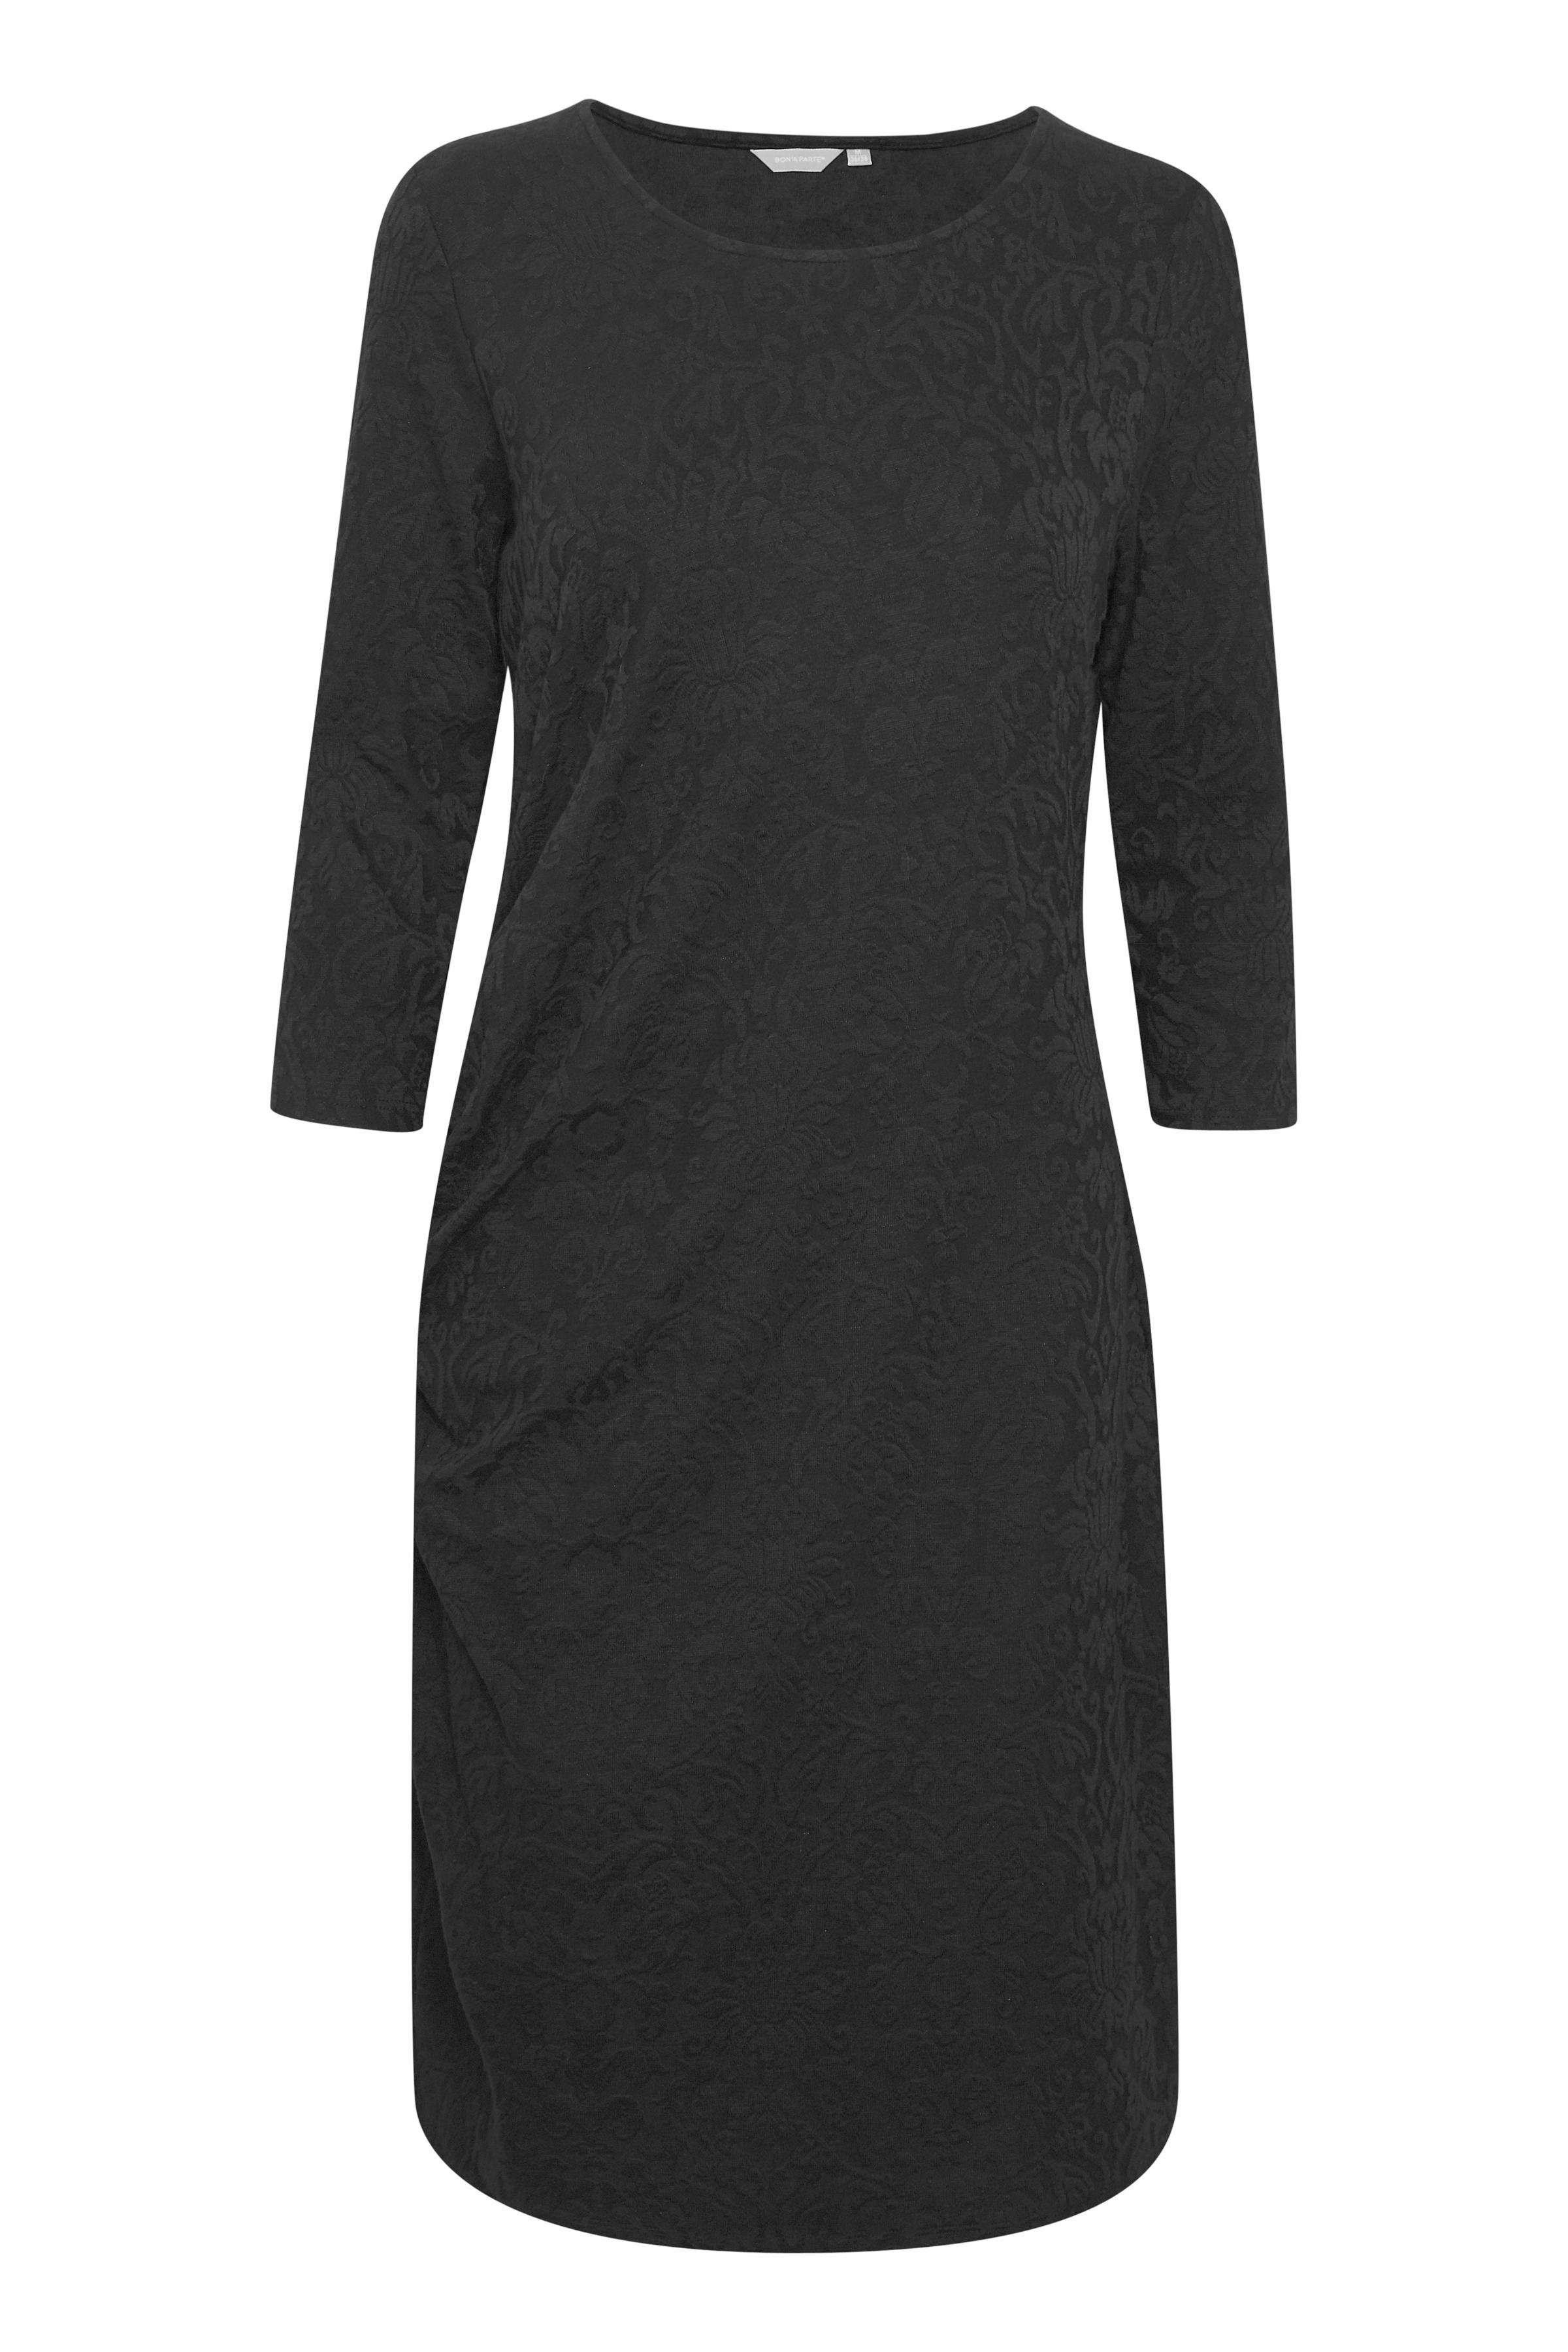 Image of BonA Parte Dame Kjole i jaquard-printet jersey kvalitet. Kjolen - Sort